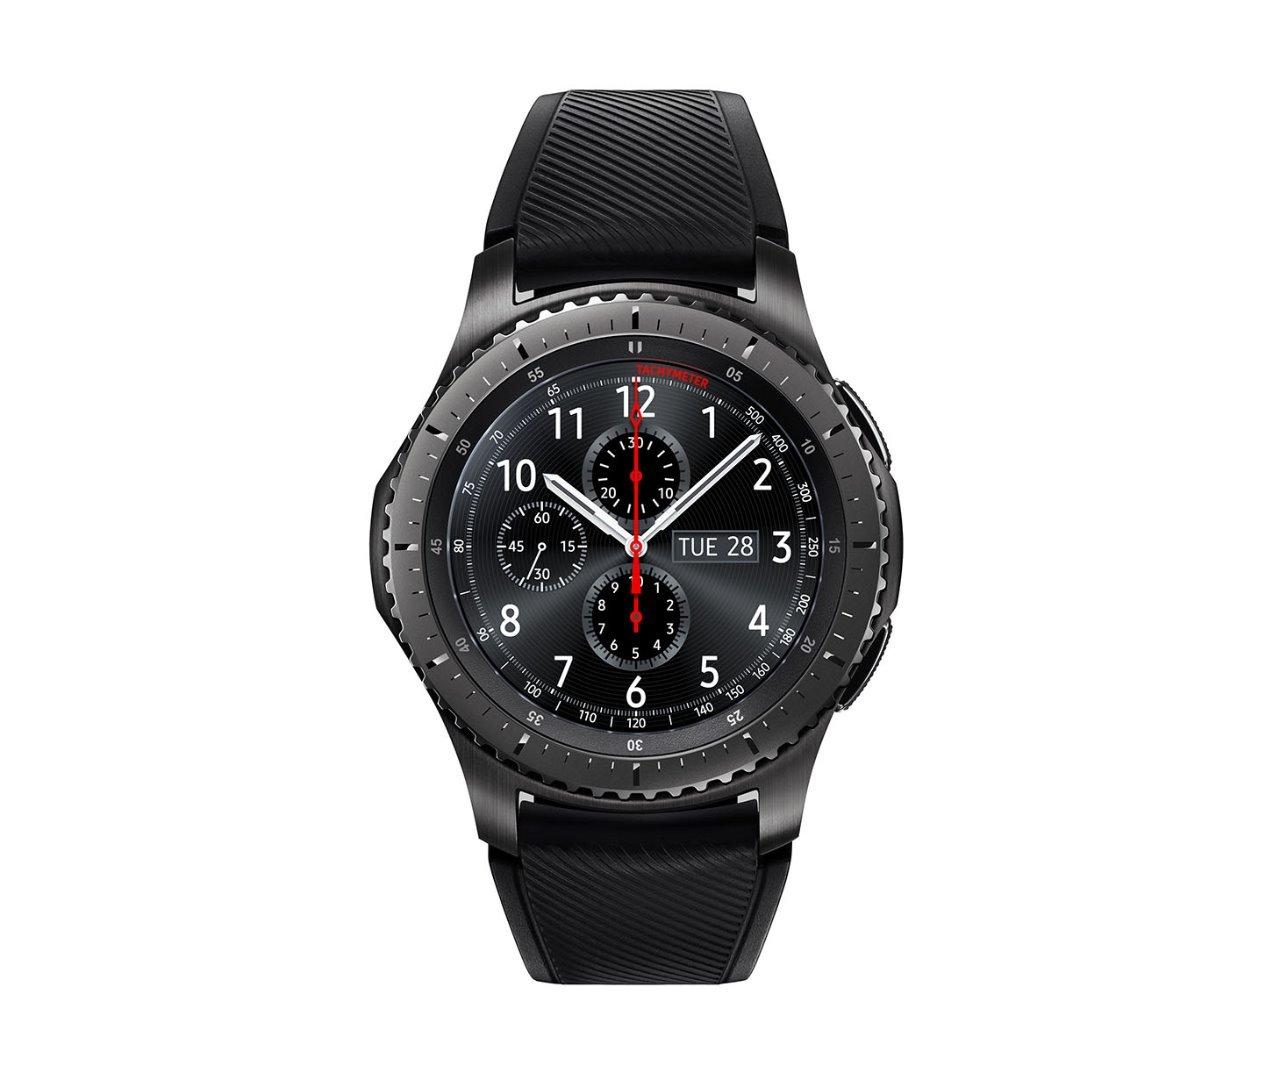 Samsung SM-R760NDAAITV - Gear S3 Frontier Smartwatch, GPS, IP68, Grigio/Nero [Versione Italiana]